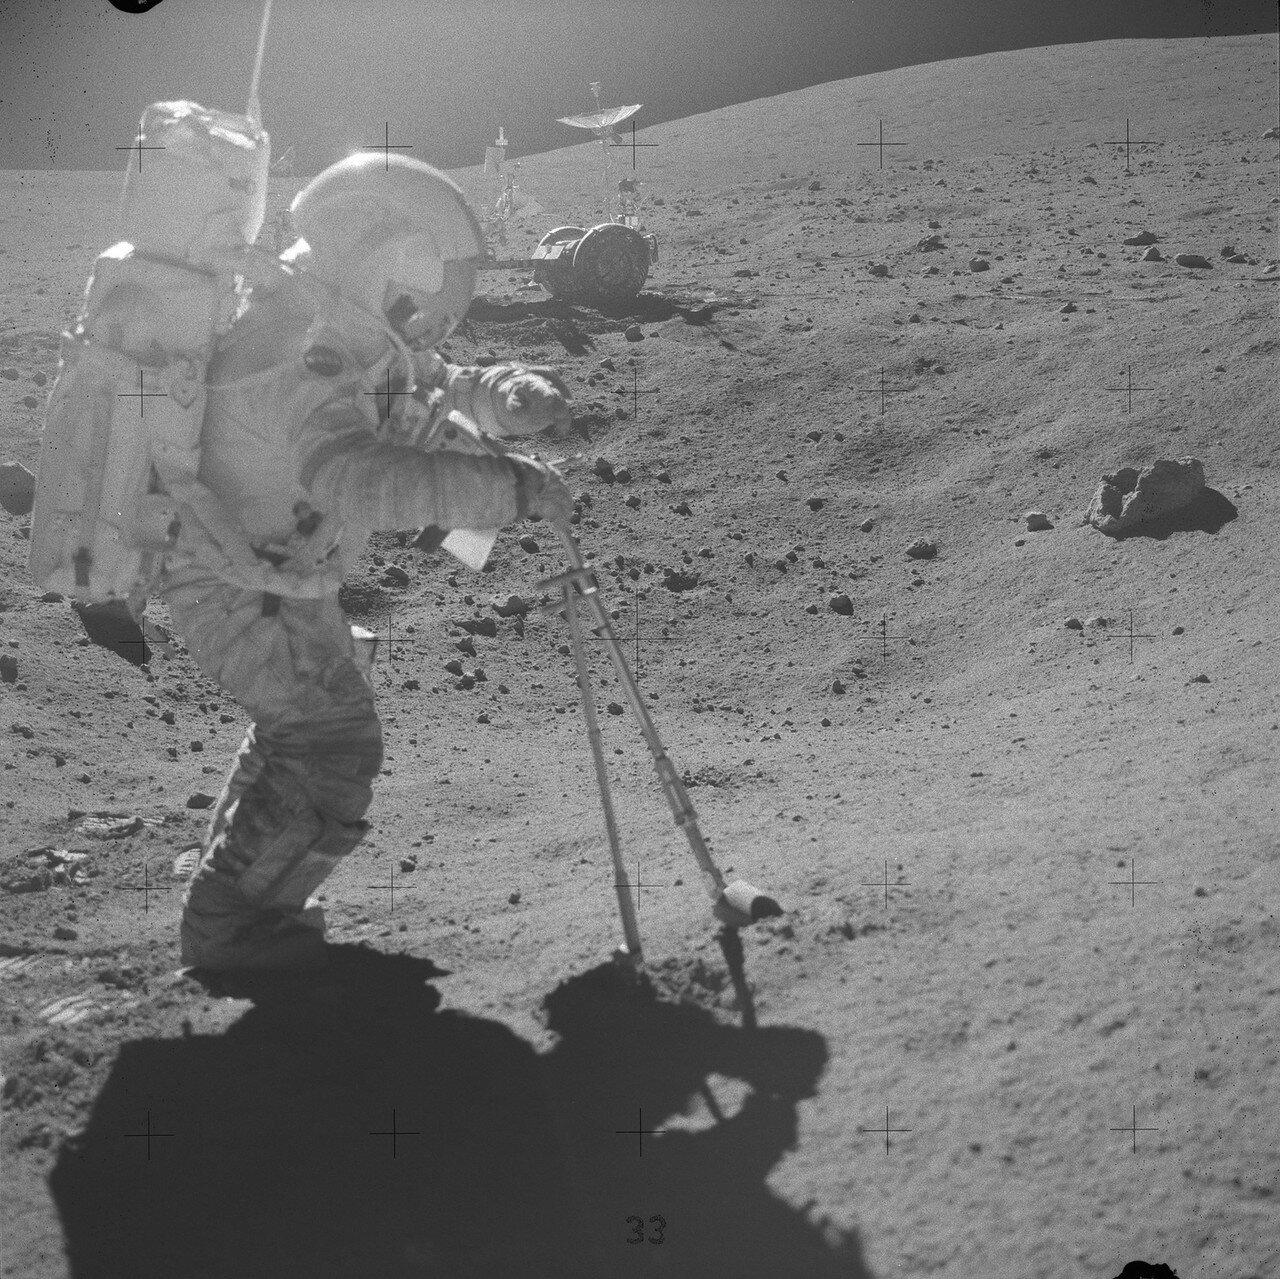 Астронавты работали на этой остановке около 20 минут и собрали несколько камней и мешочек белого грунта, который небольшим пятном лежал прямо на поверхности, на краю кратера. На снимке: Джон Янг на Station 6 перед забором белого грунта